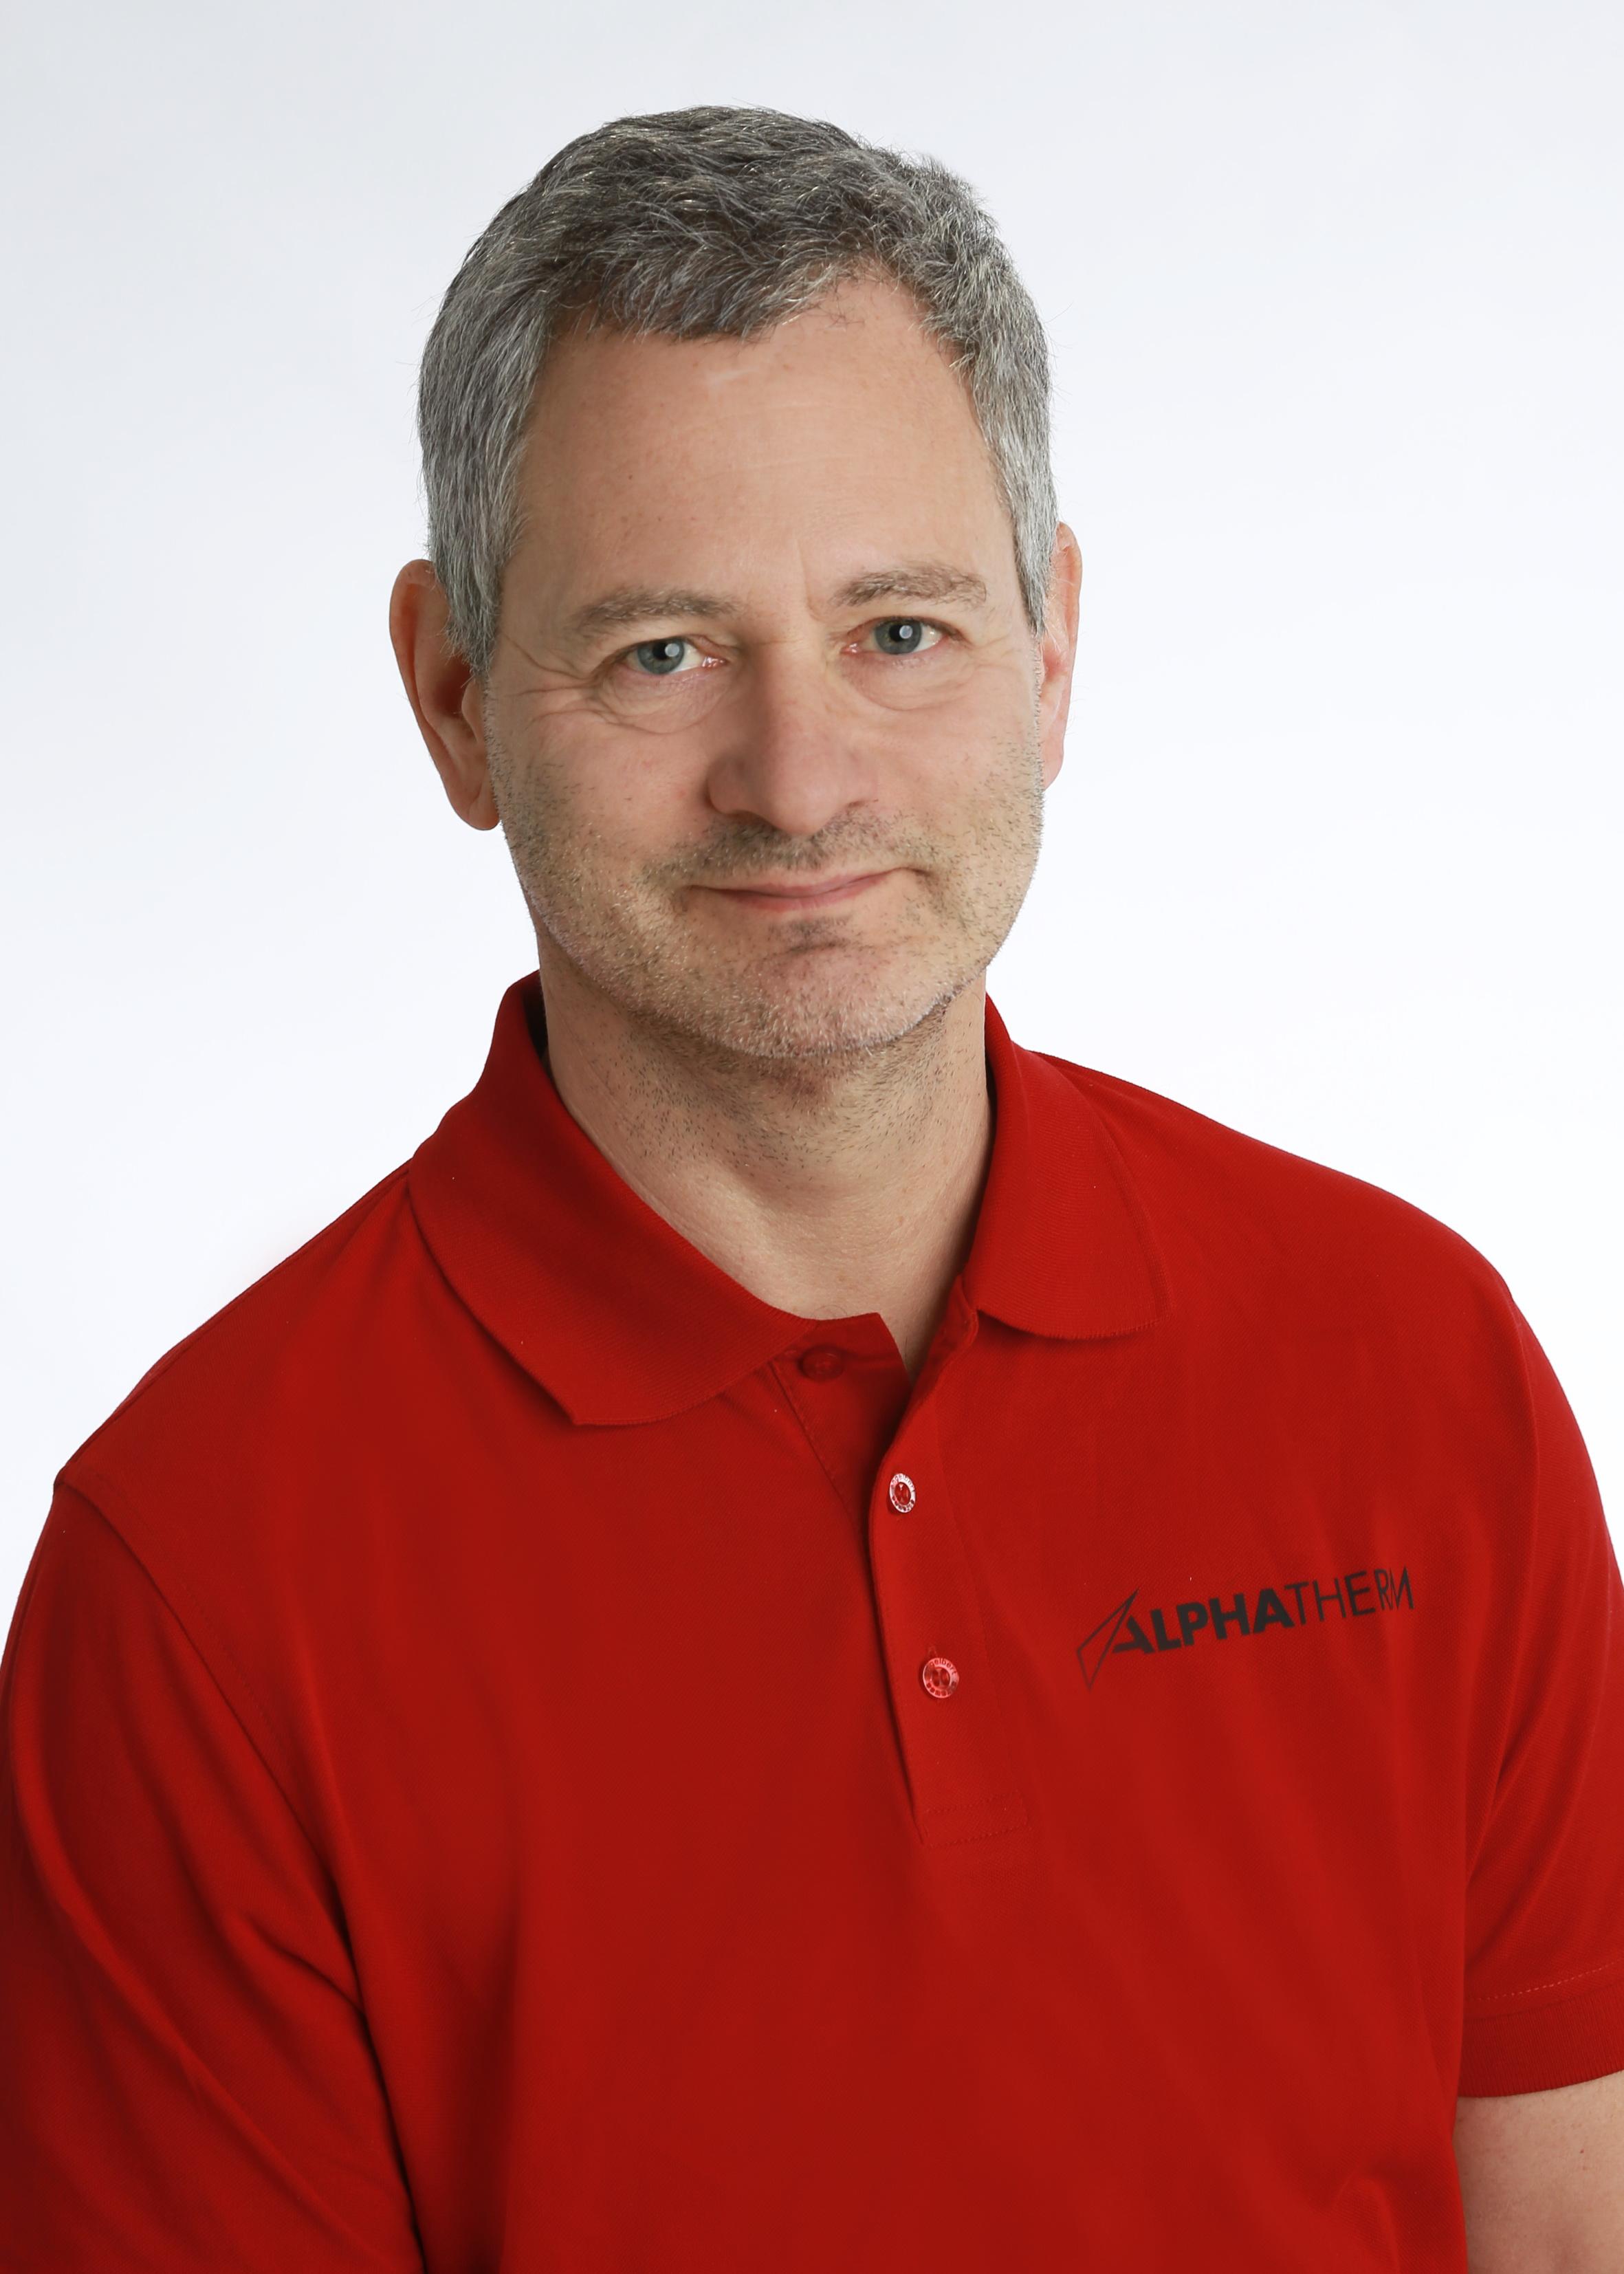 Thomas Reinwardt